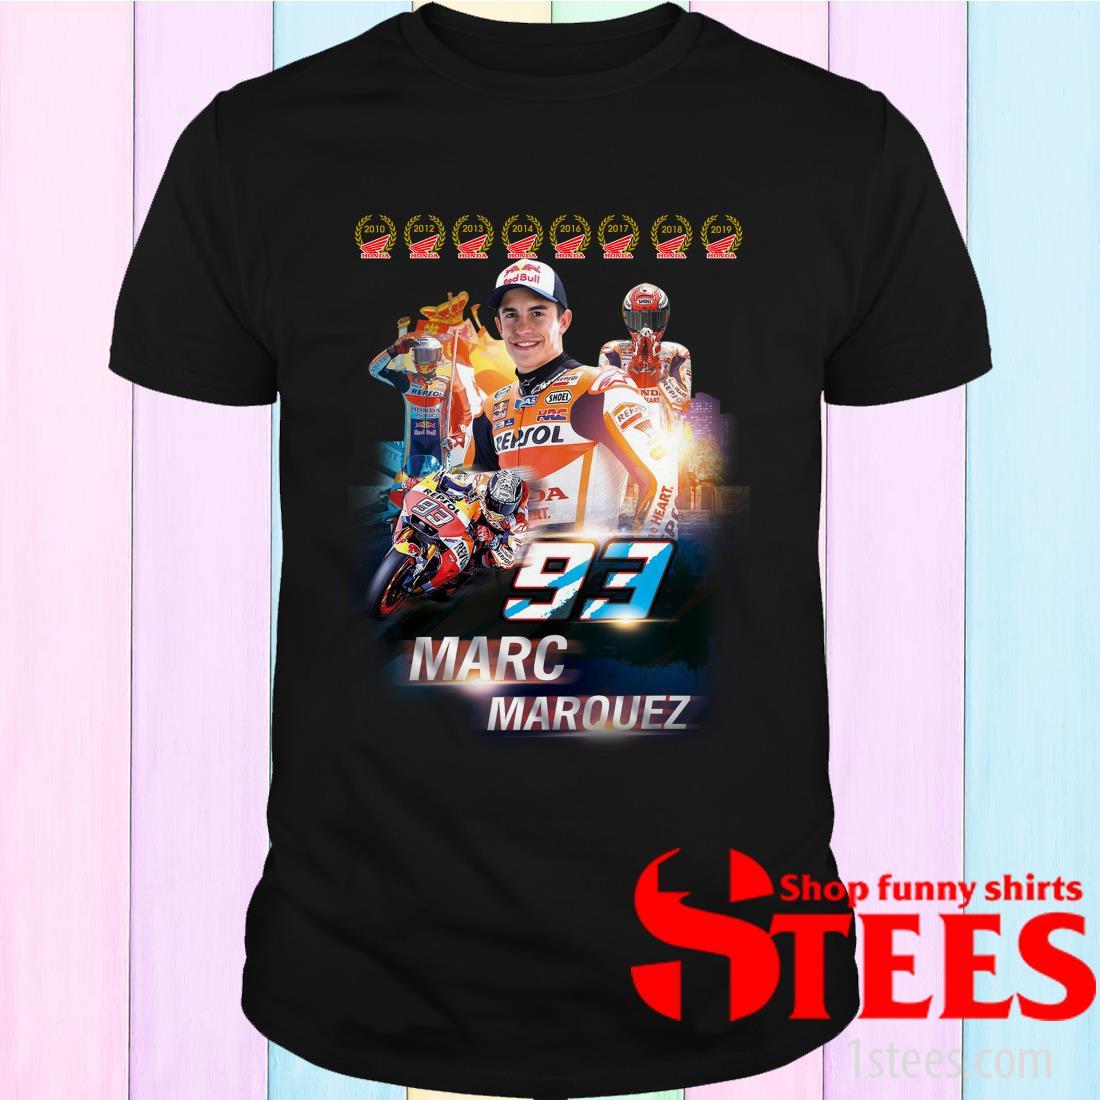 Repsol 93 Marc Marquez Signature Shirt